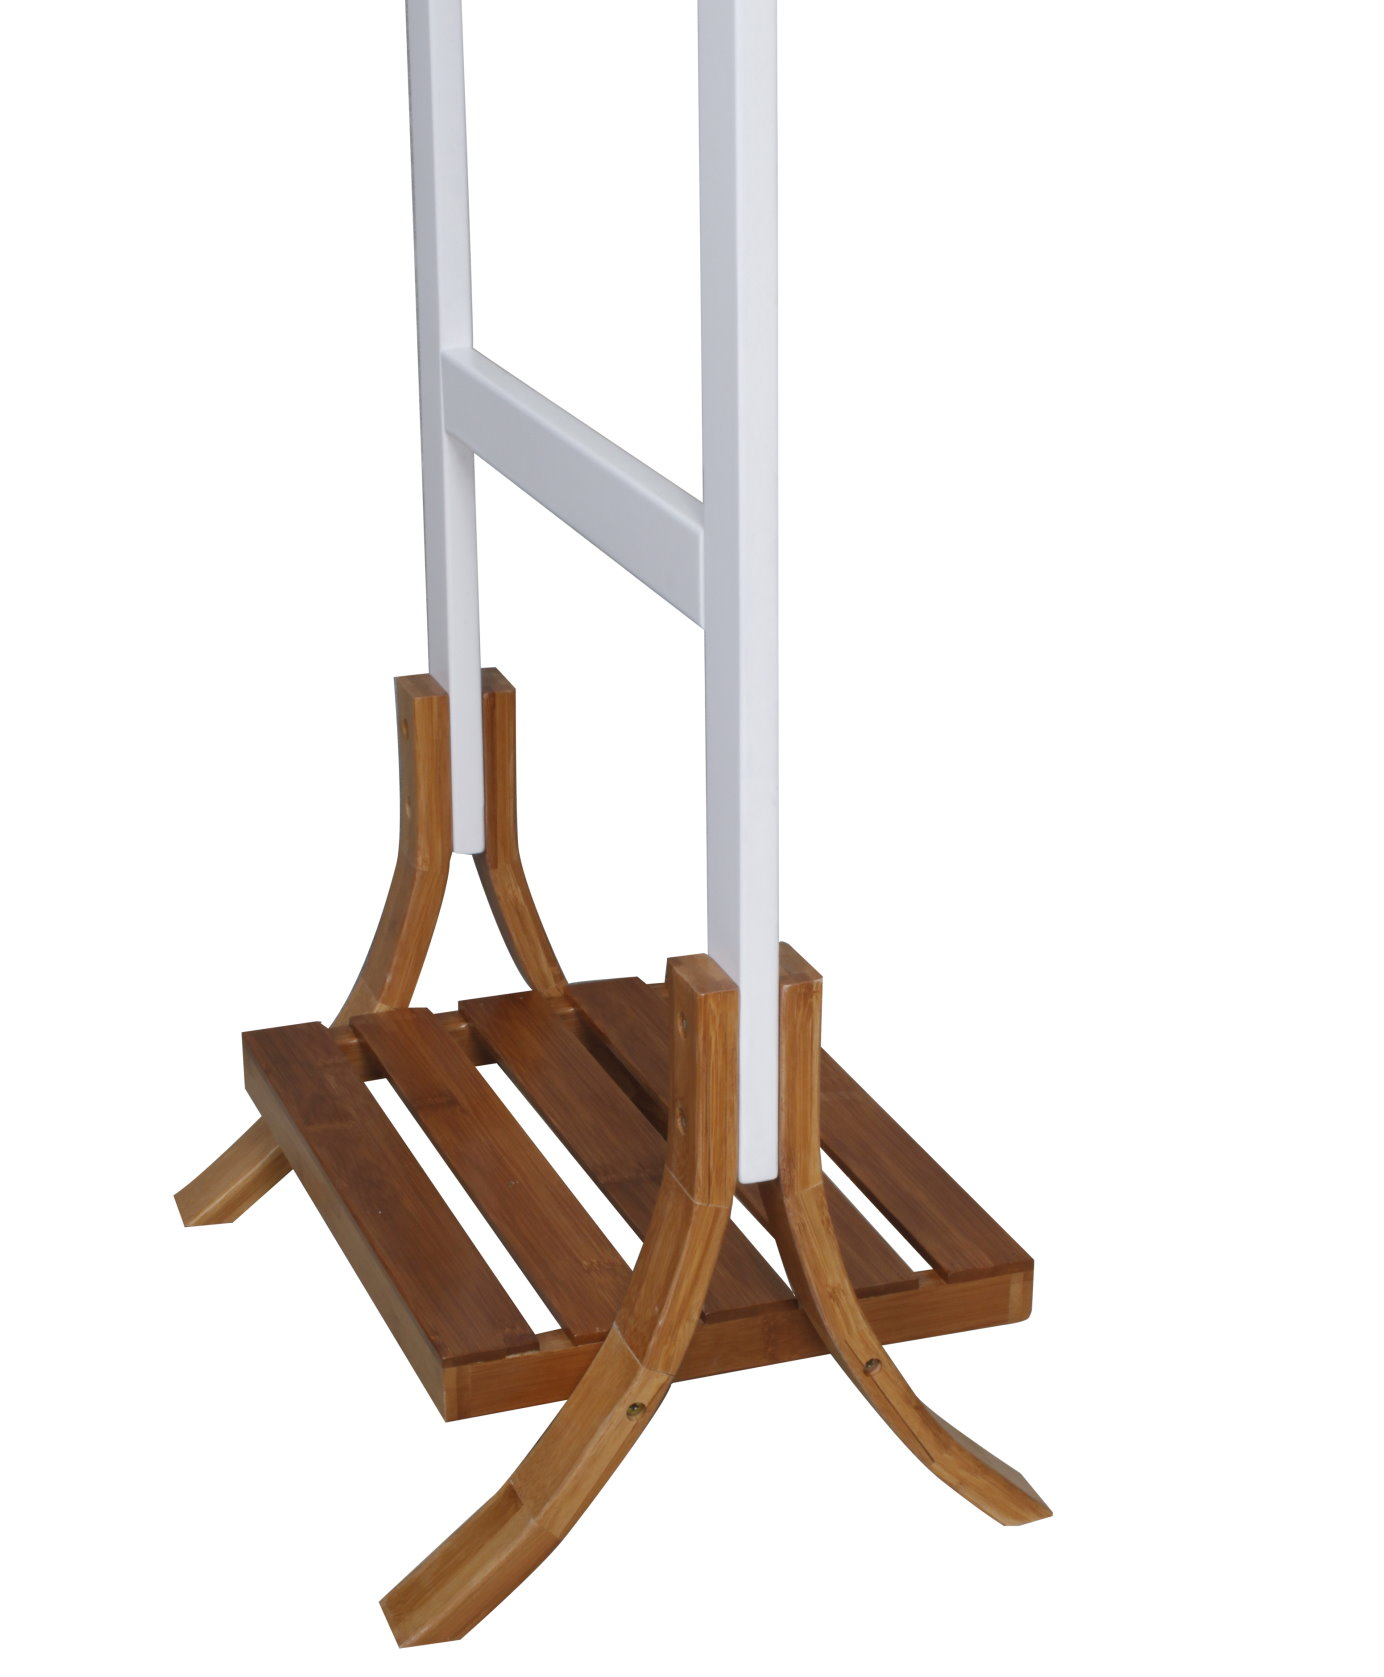 holz bambus kleiderst nder handtuchhalter garderobe handtuchstange bad st nder m bel wohnen. Black Bedroom Furniture Sets. Home Design Ideas